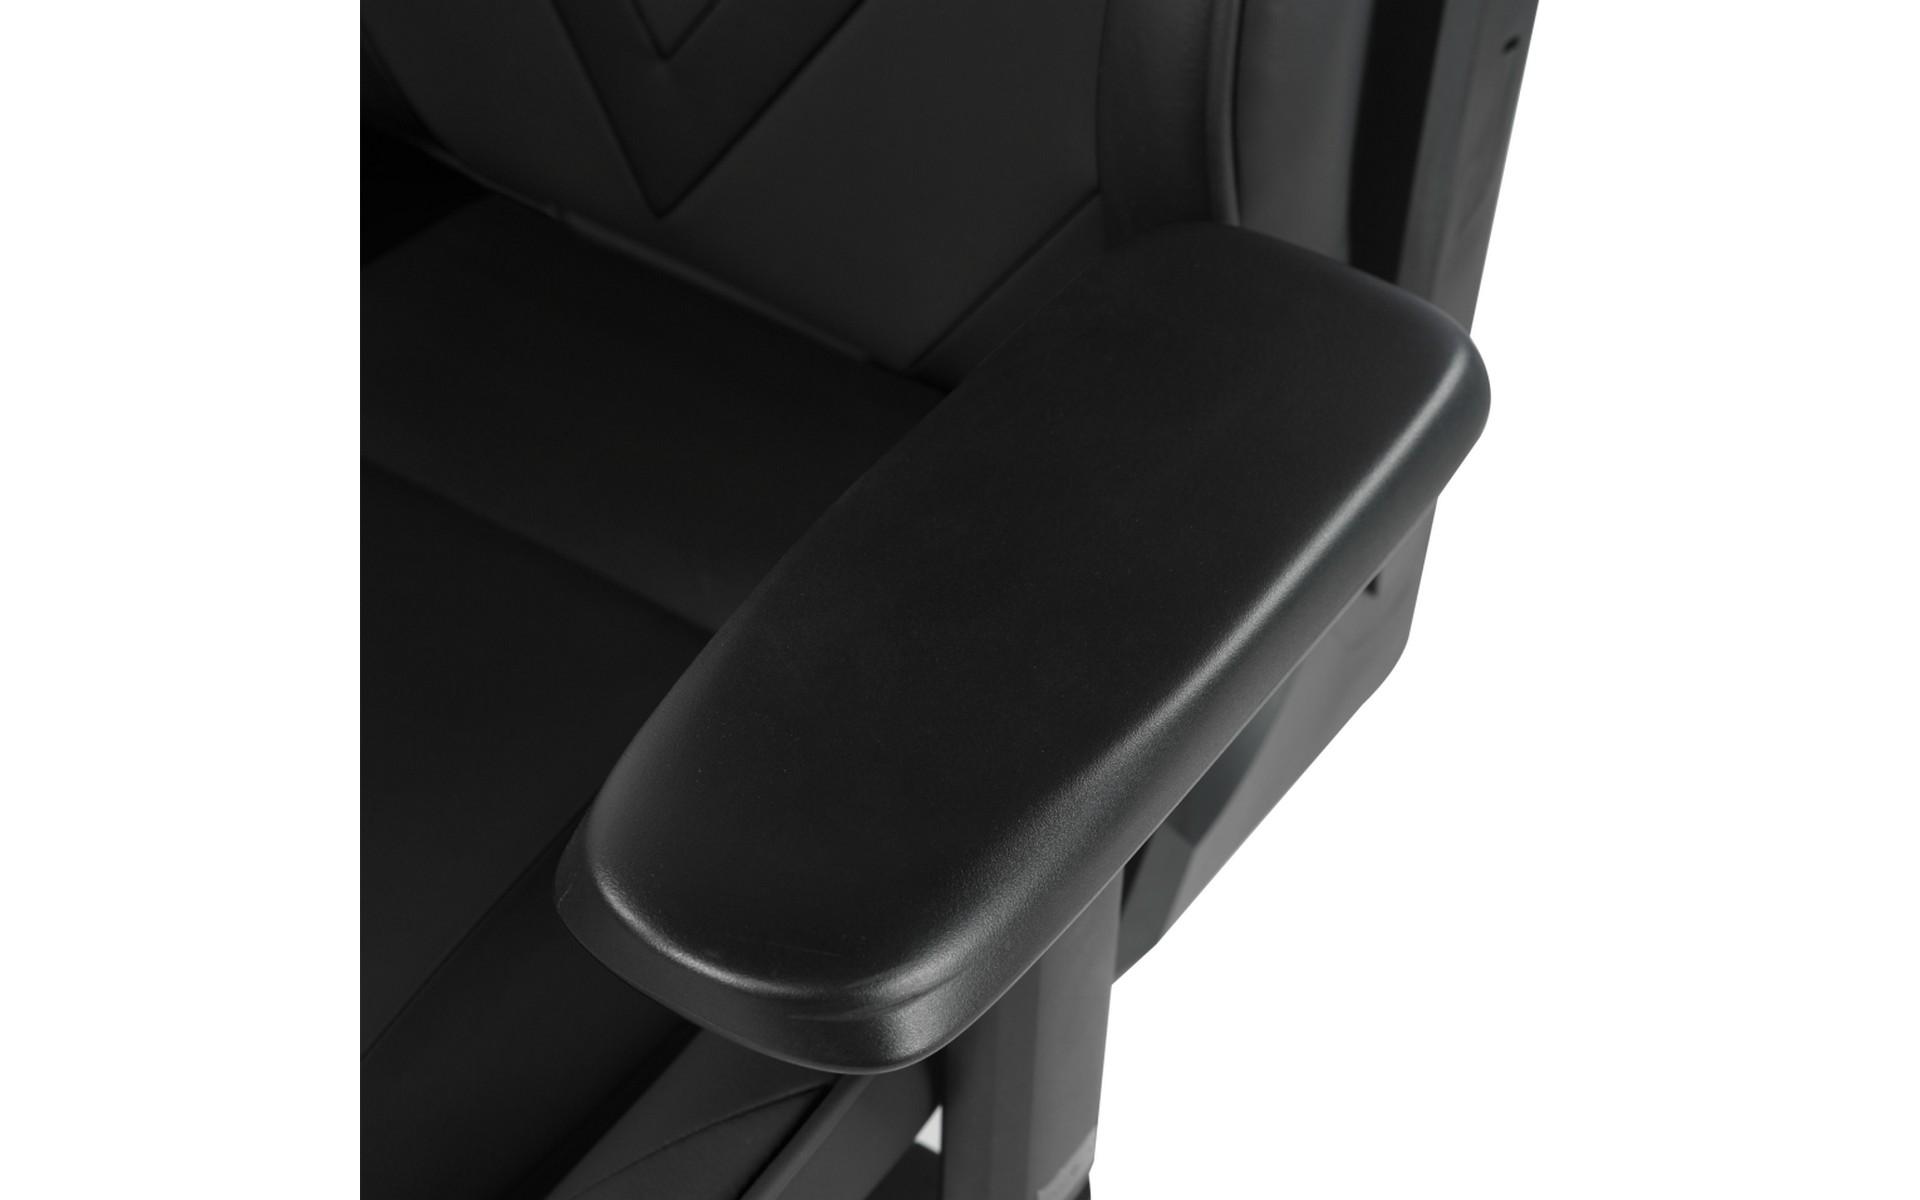 Ghế DXRacer G Series D8200 Black sử dụng tay vịn có thể điều chỉnh 4D